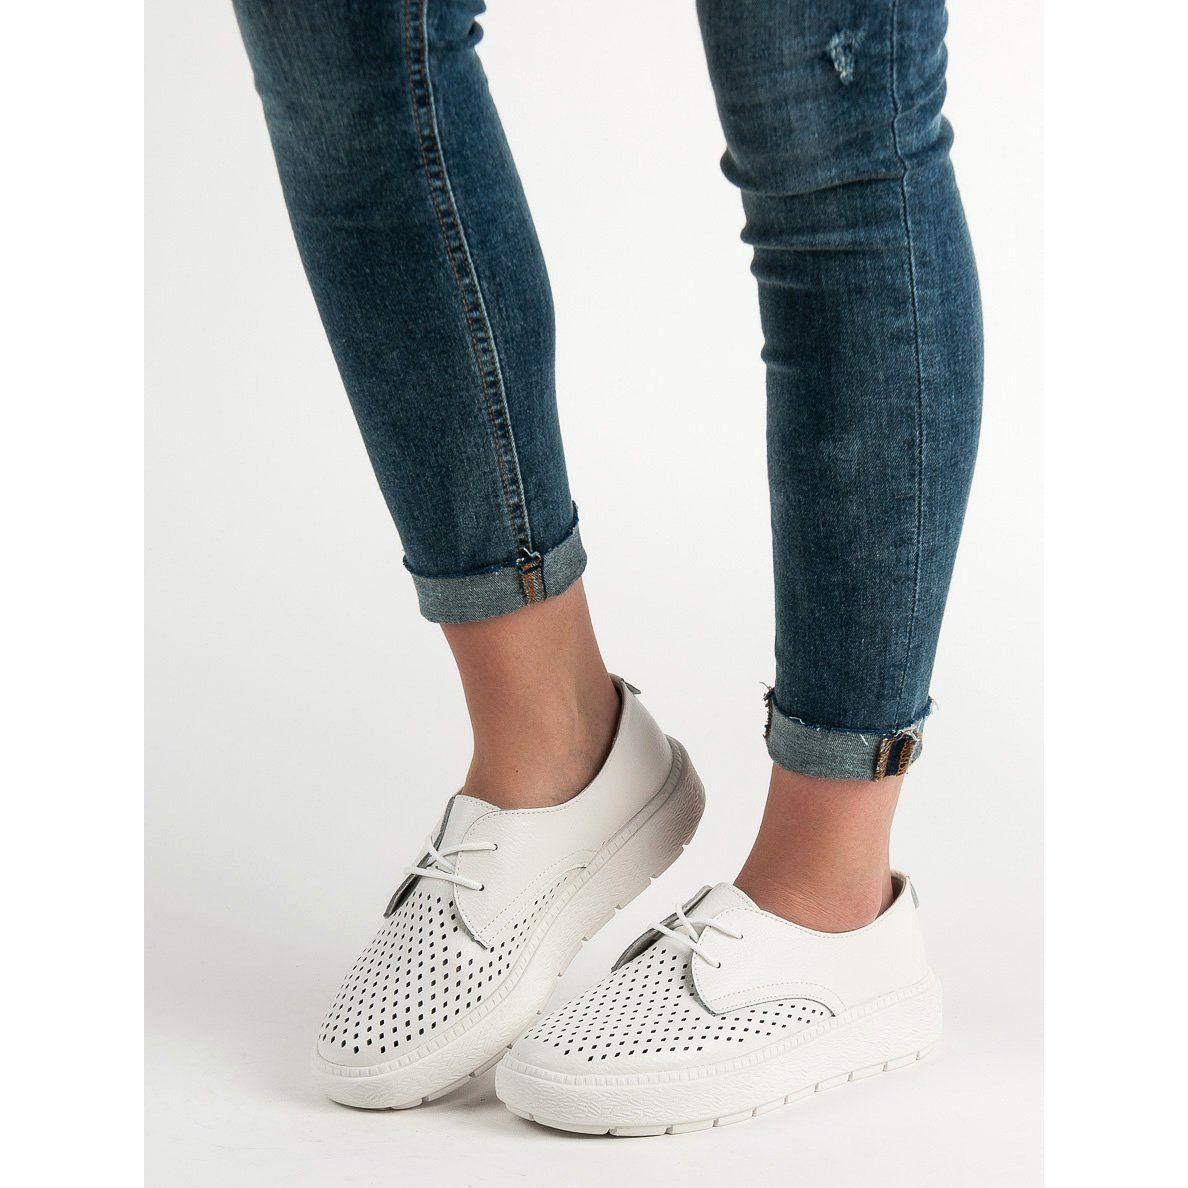 Goodin Lekkie Skorzane Polbuty Biale Women Shoes Shoes Women Heels Shoes